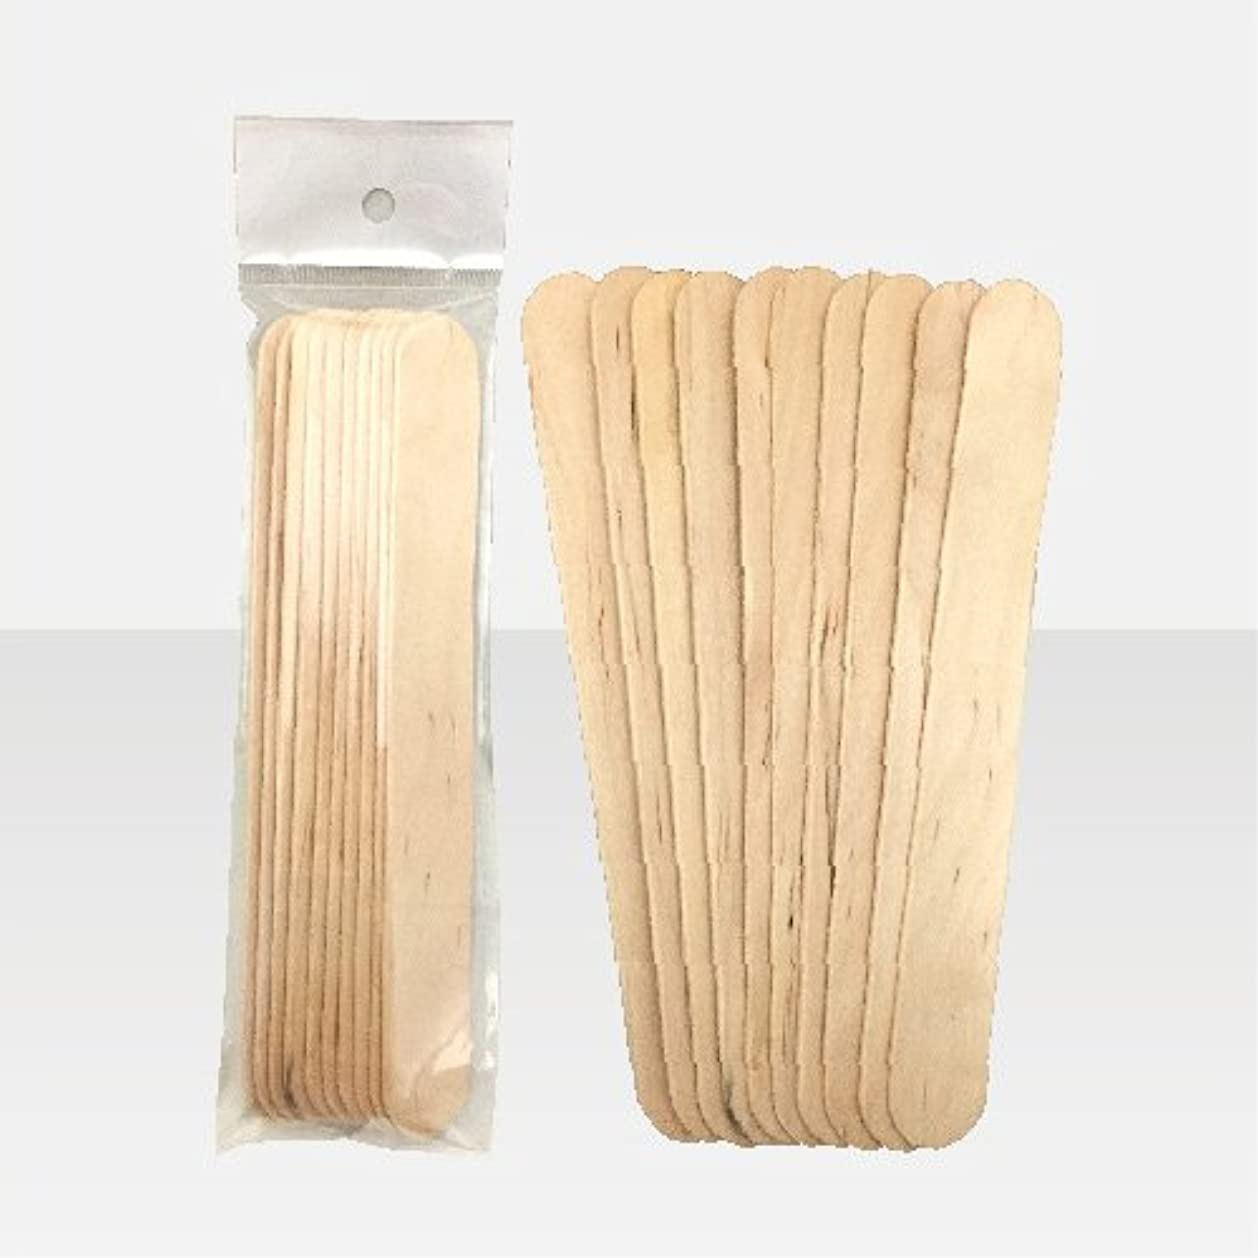 歩き回る補足試みブラジリアンワックス 脱毛ワックス用  ワックススパチュラ 木ベラ /10本セット Mサイズ